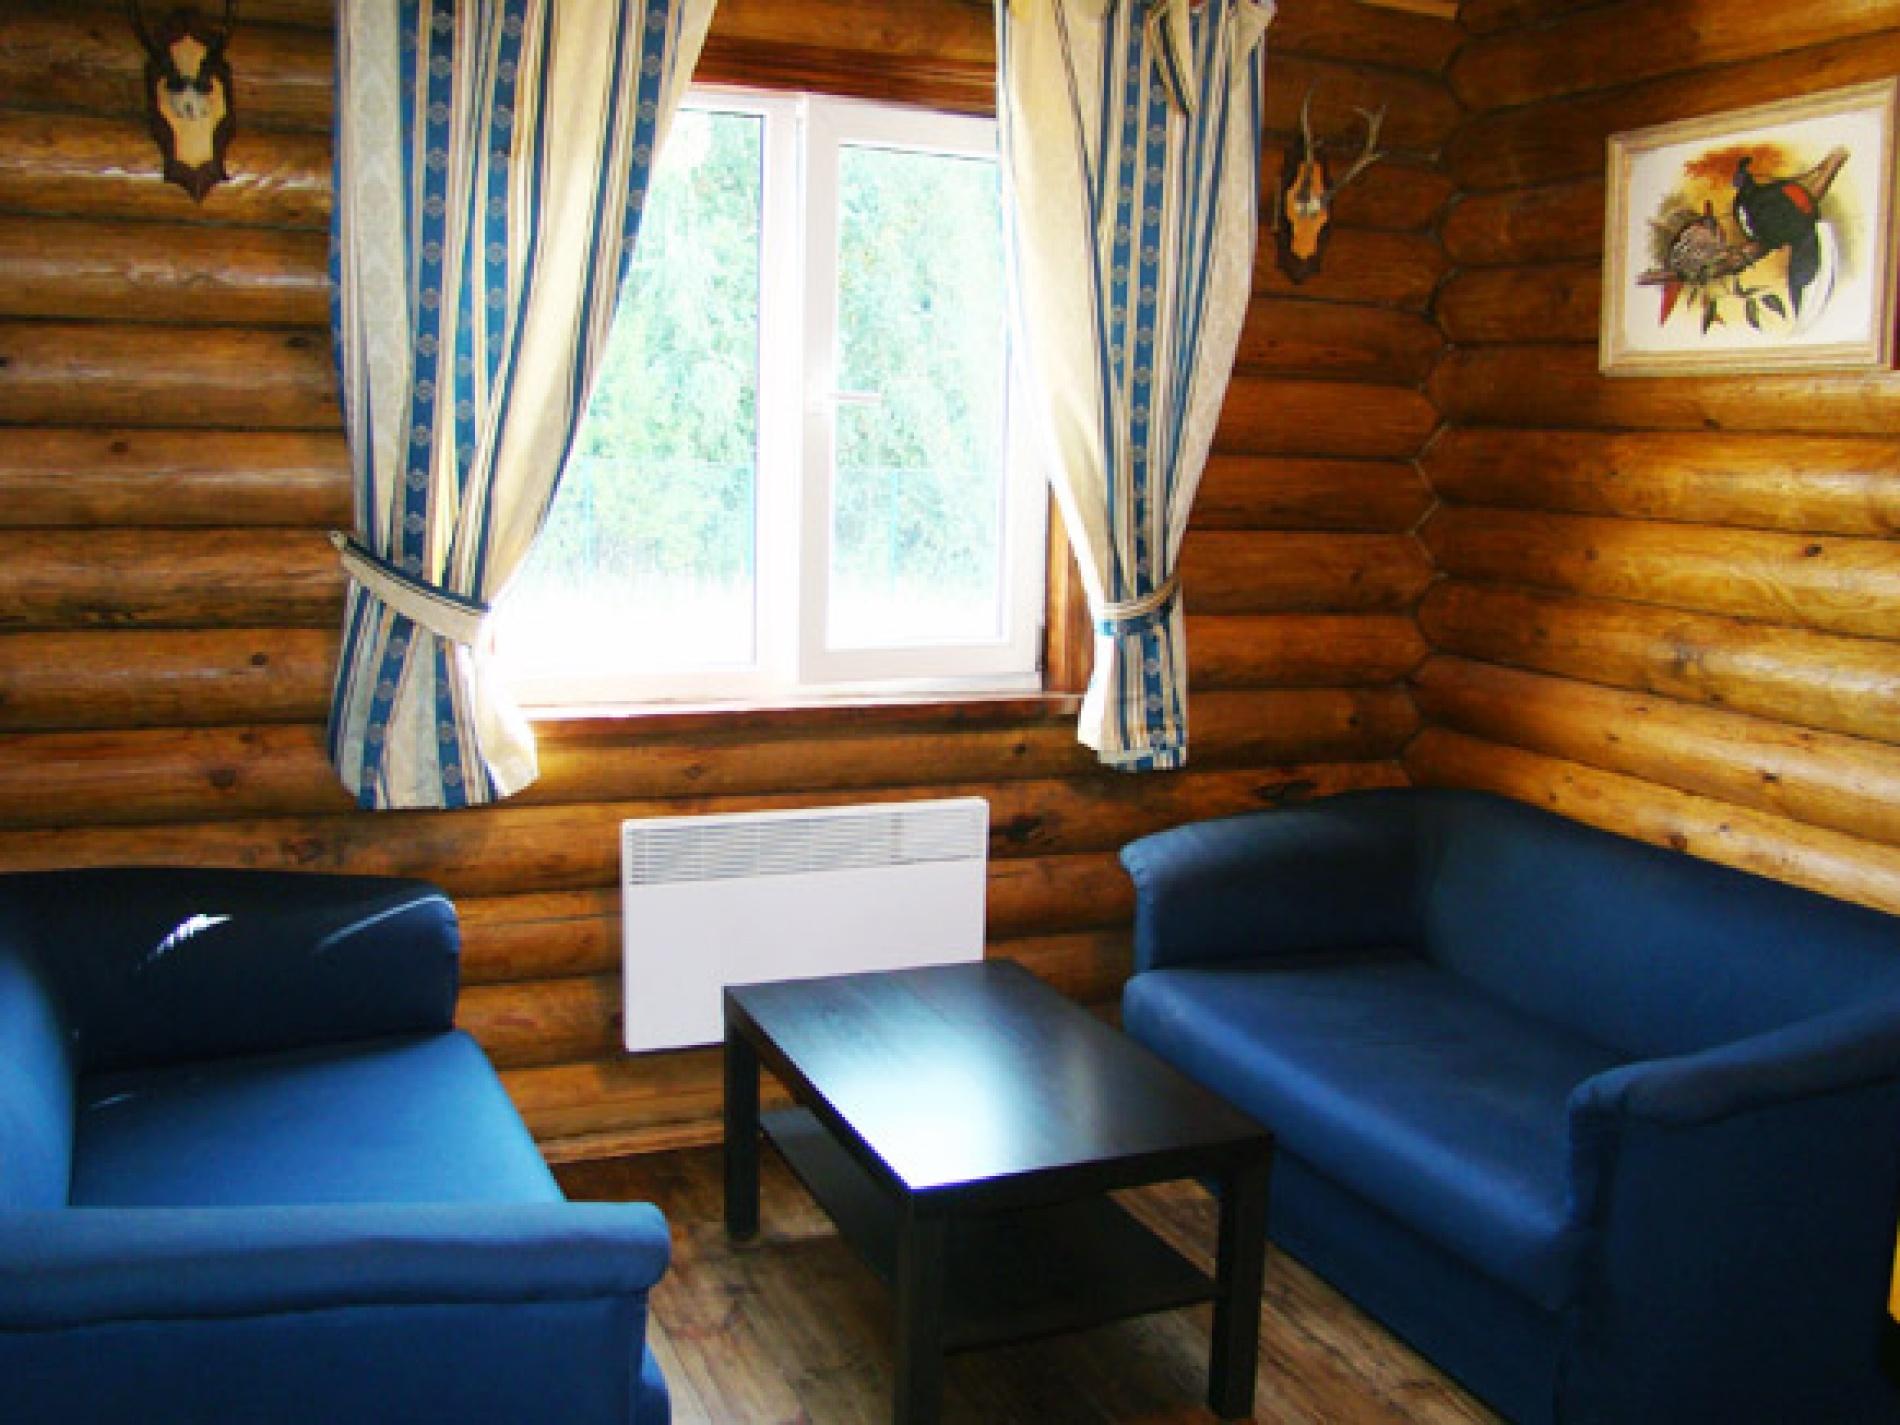 База отдыха «Барсучок» Тульская область 2-местный домик № 1б, 2б, 3б, 4б, фото 3